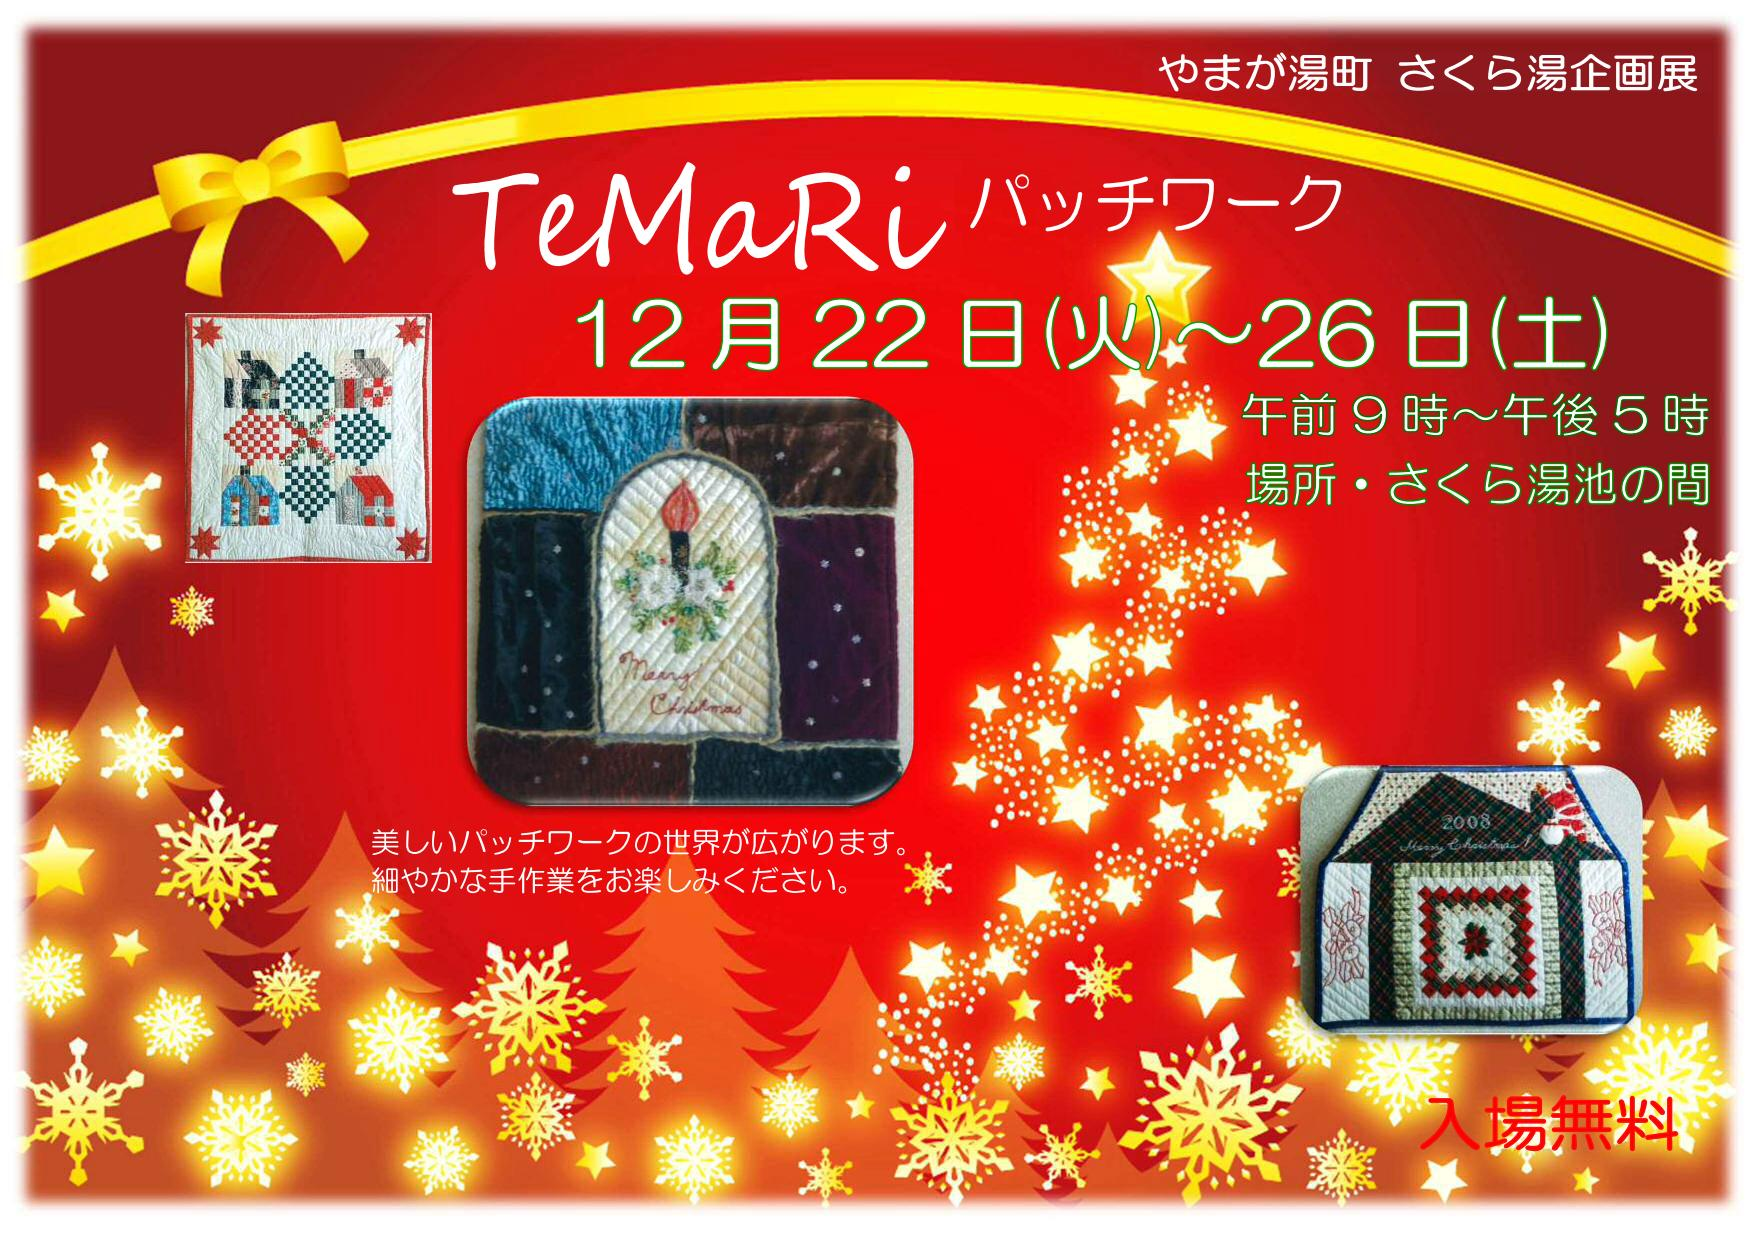 山鹿湯町・さくら湯企画展「TeMaRi パッチワーク」